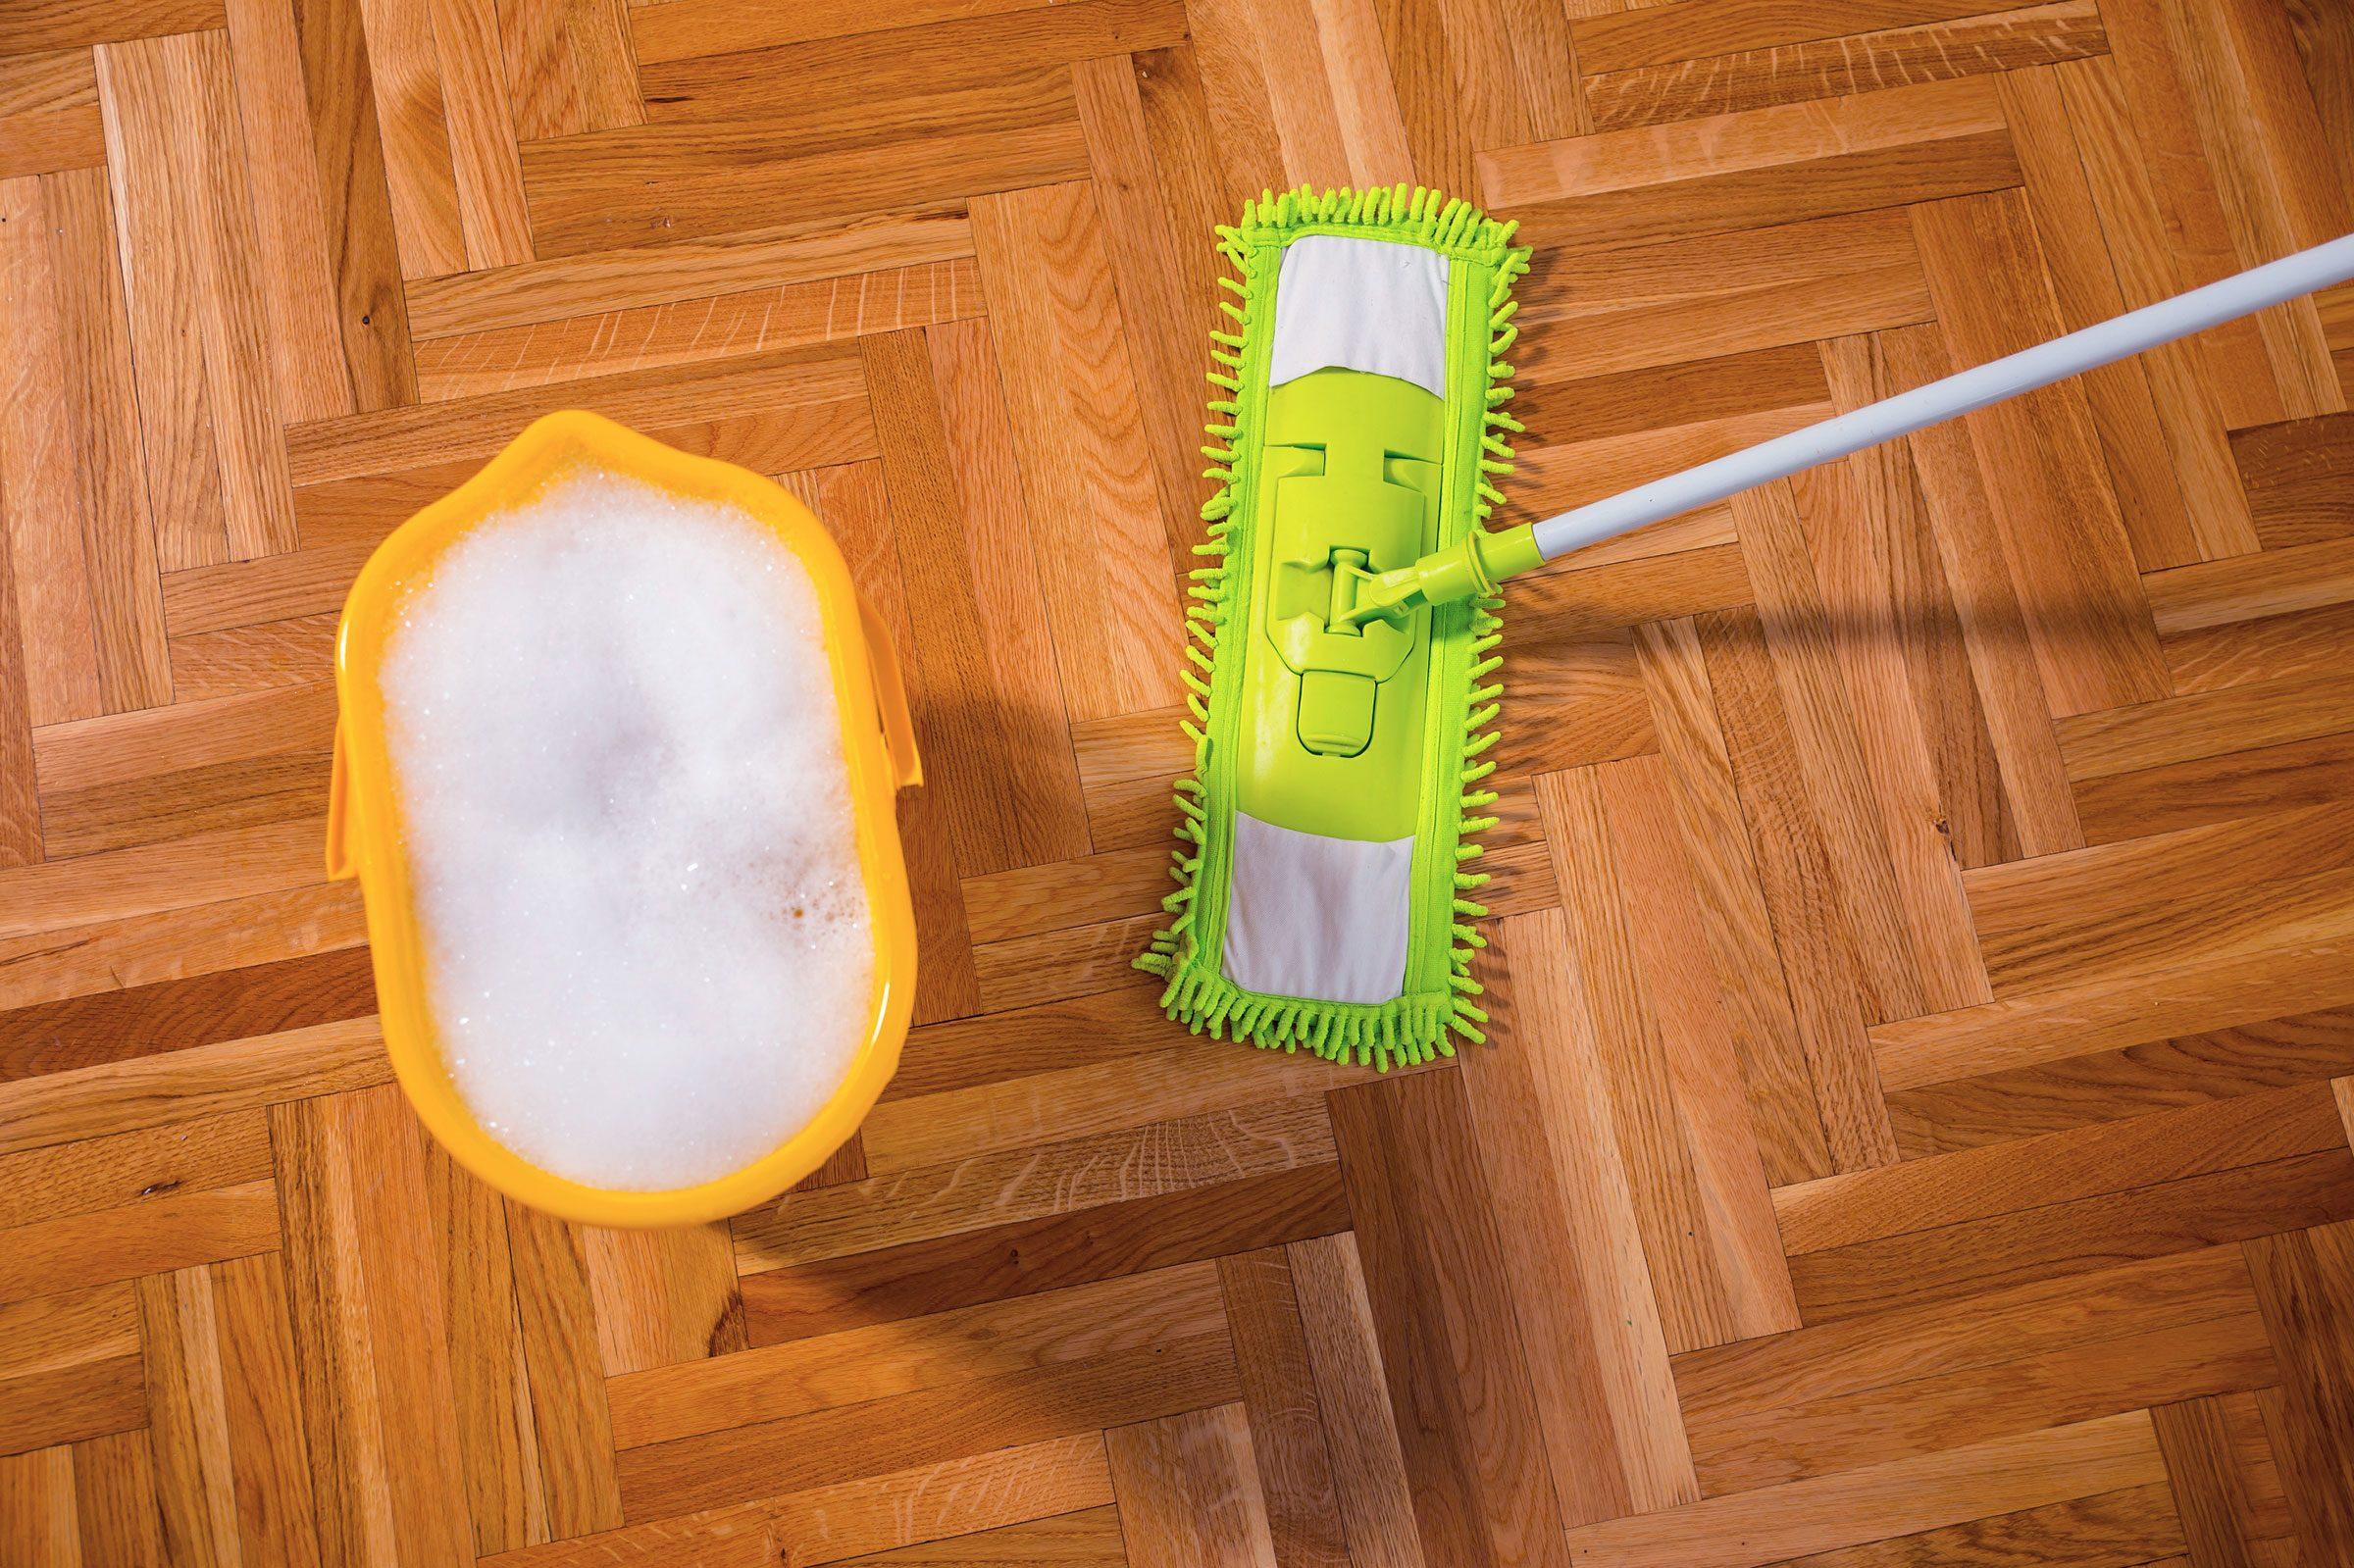 Il n'est pas nécessaire d'utiliser des produits pour nettoyer le plancher.